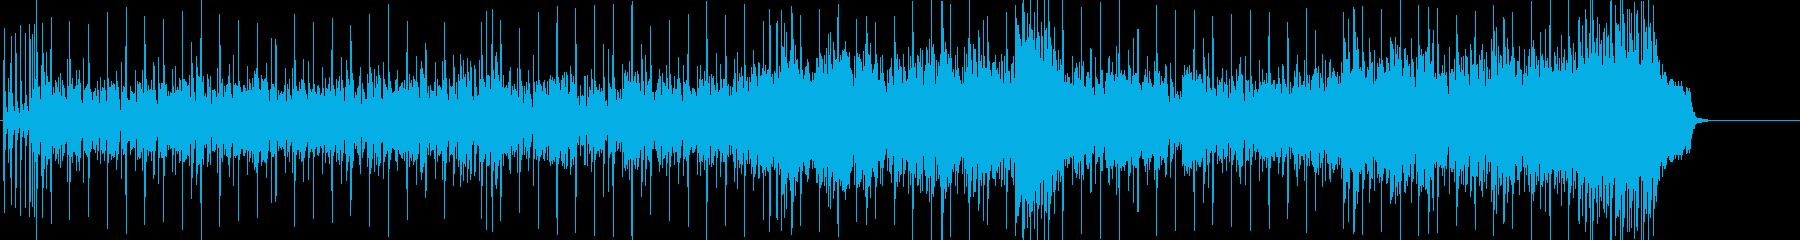 CM 店内 ショッピング 情報 ドライブの再生済みの波形